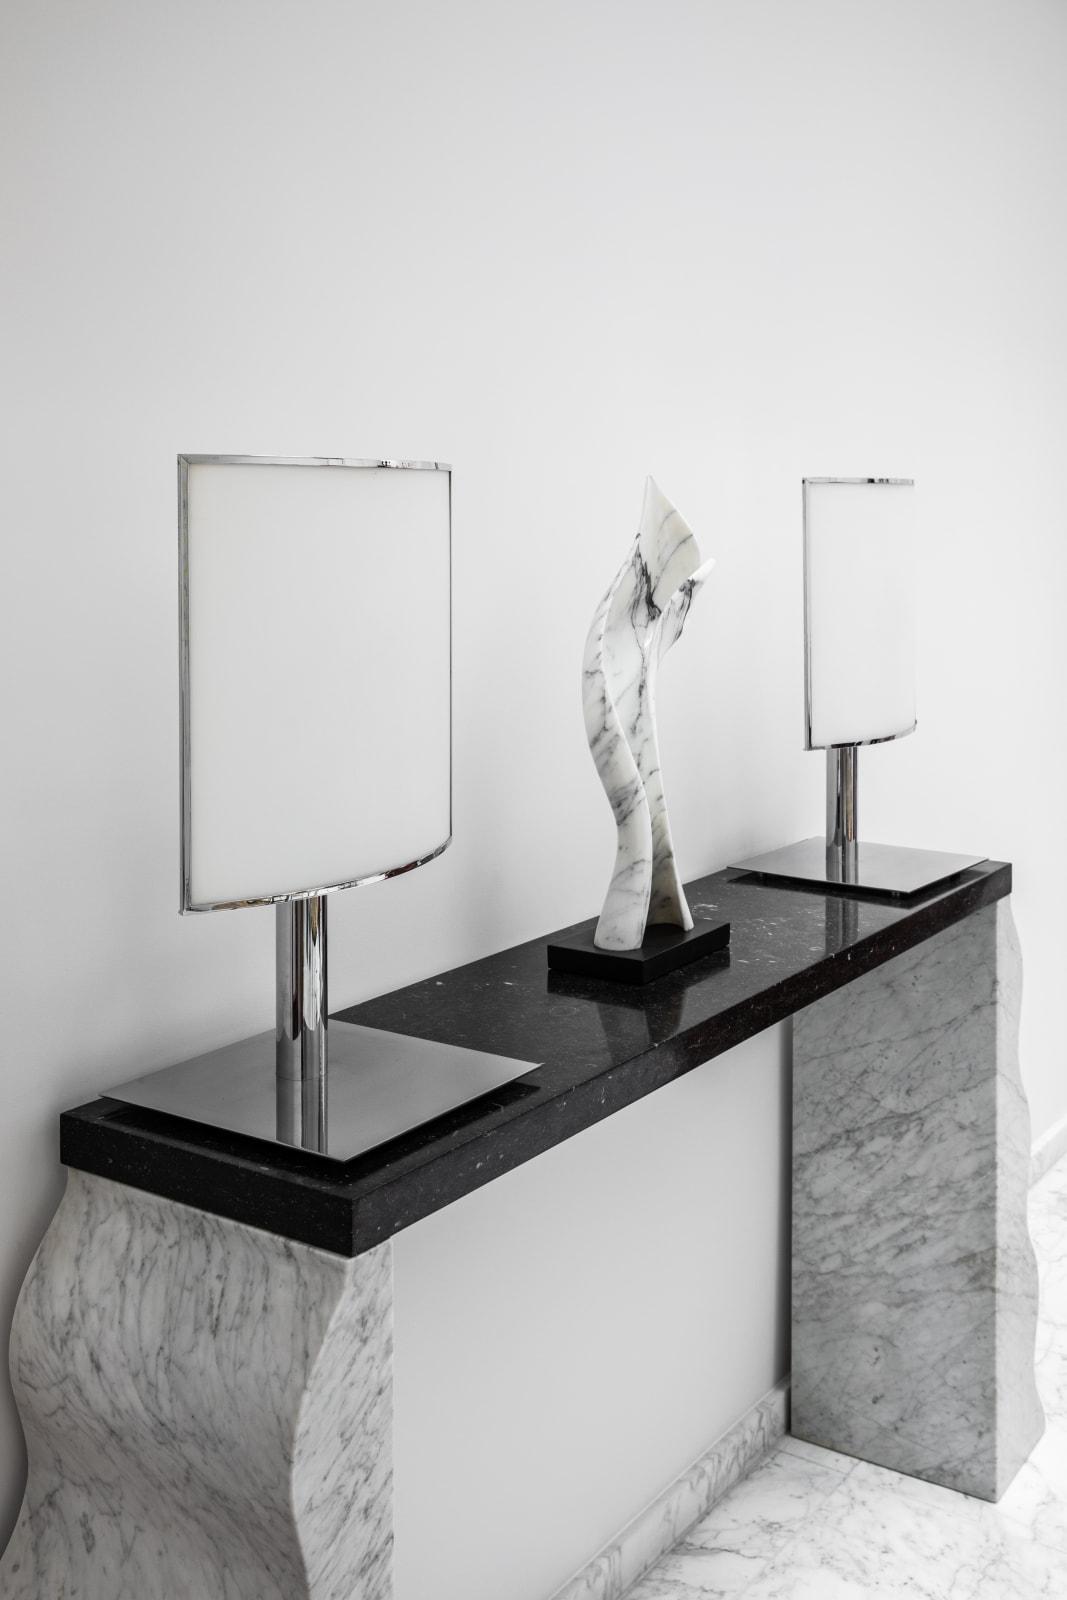 Ecran table lights, Michel Boyer Balerina Sculpture, Florian Cabrera Montenegro console, Ettore Sottsass